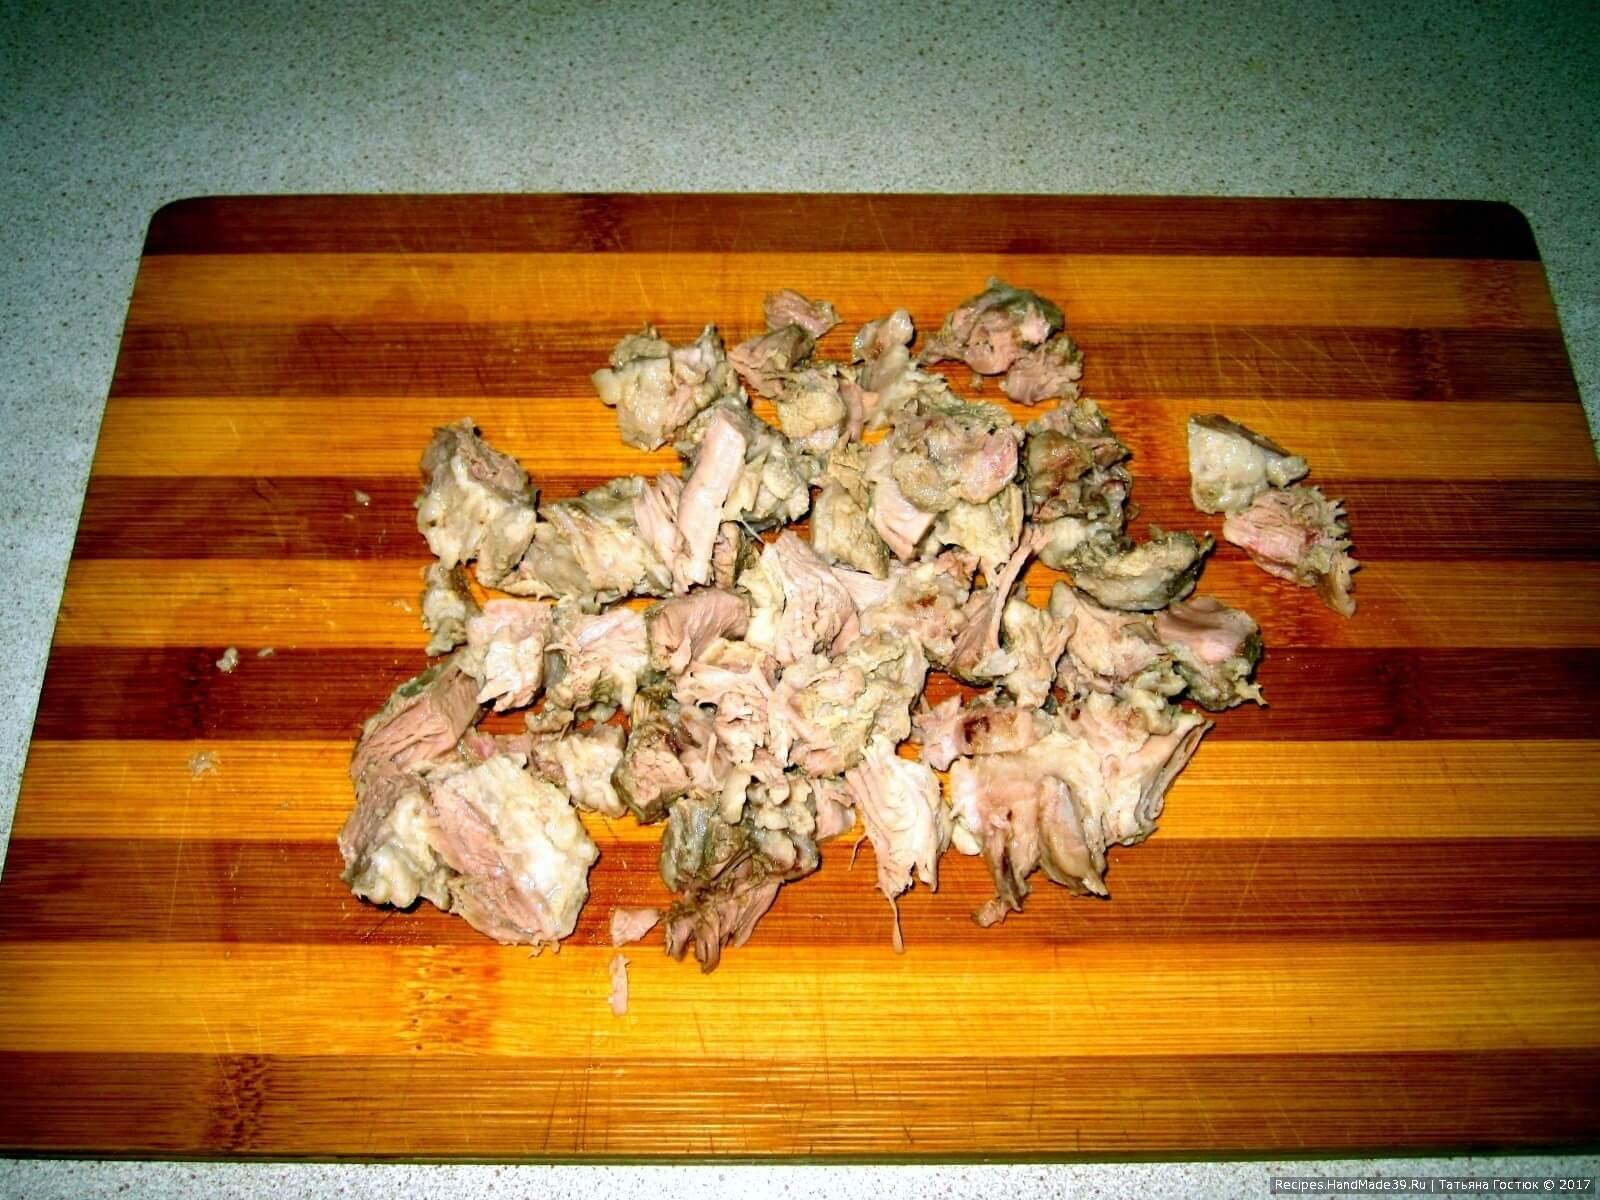 Отвариваем бульон на свиной грудинке, затем мясо достаём и нарезаем его небольшими кусками